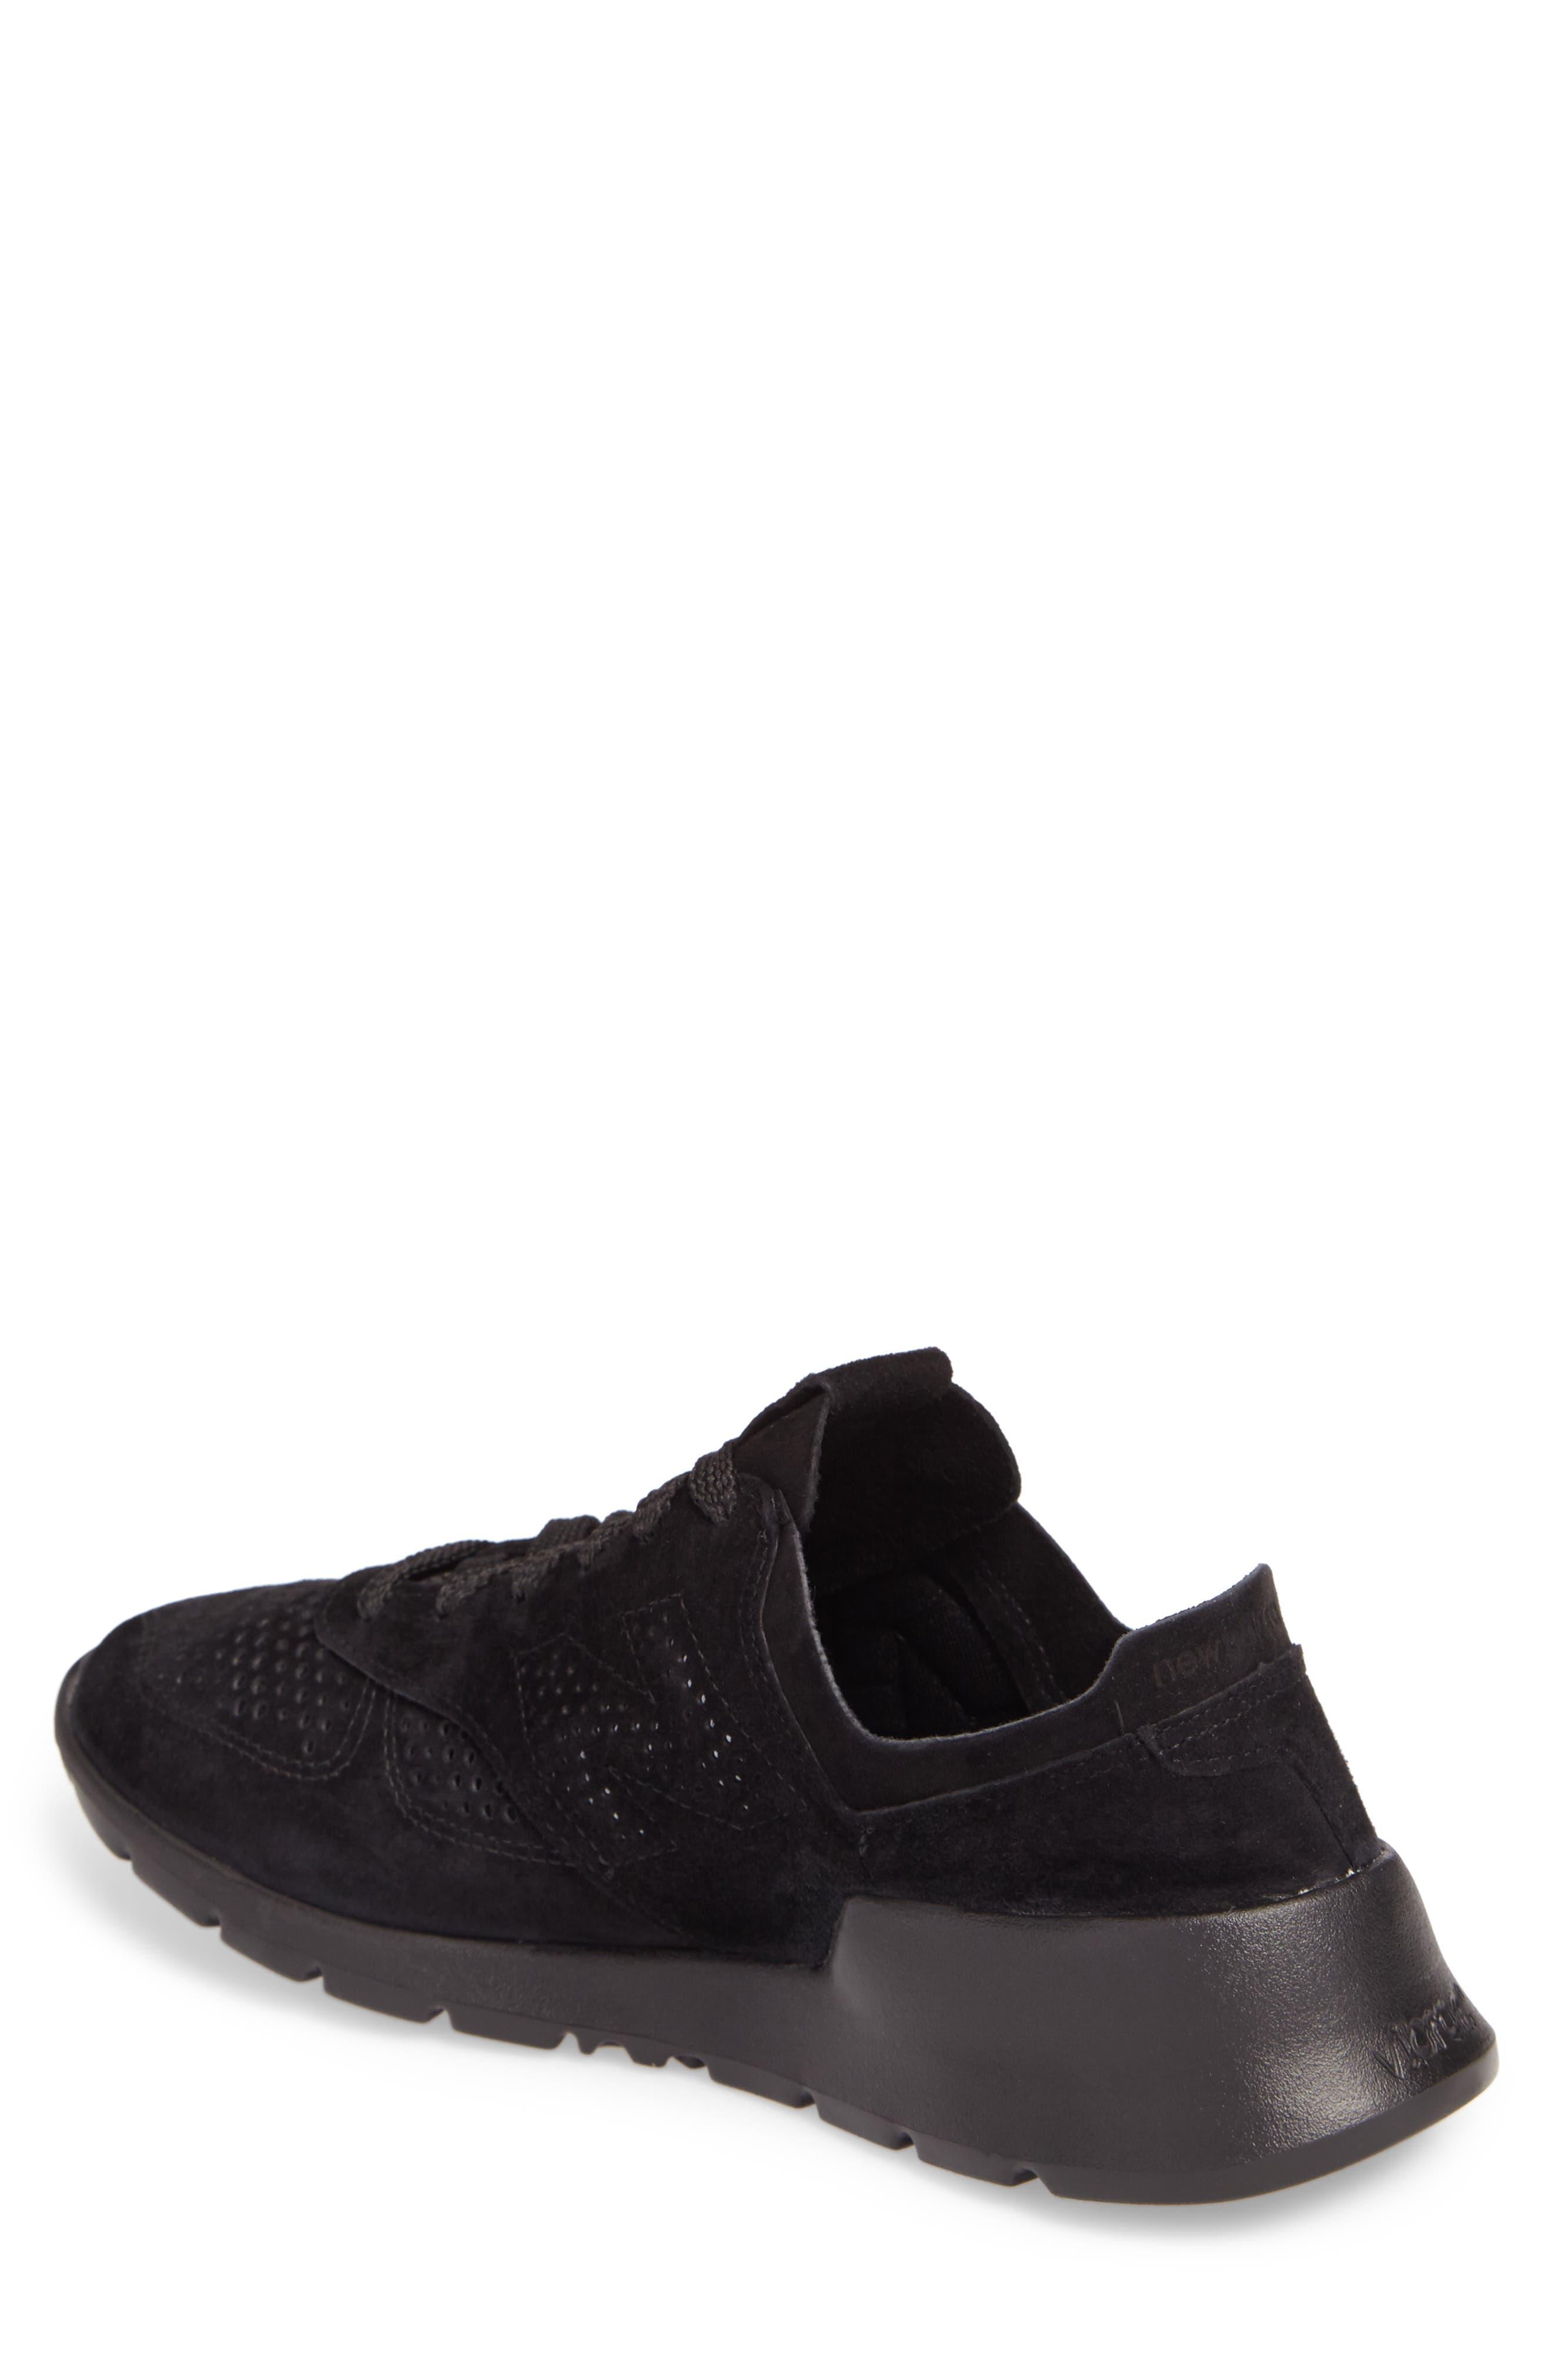 1978 Sneaker,                             Alternate thumbnail 2, color,                             001